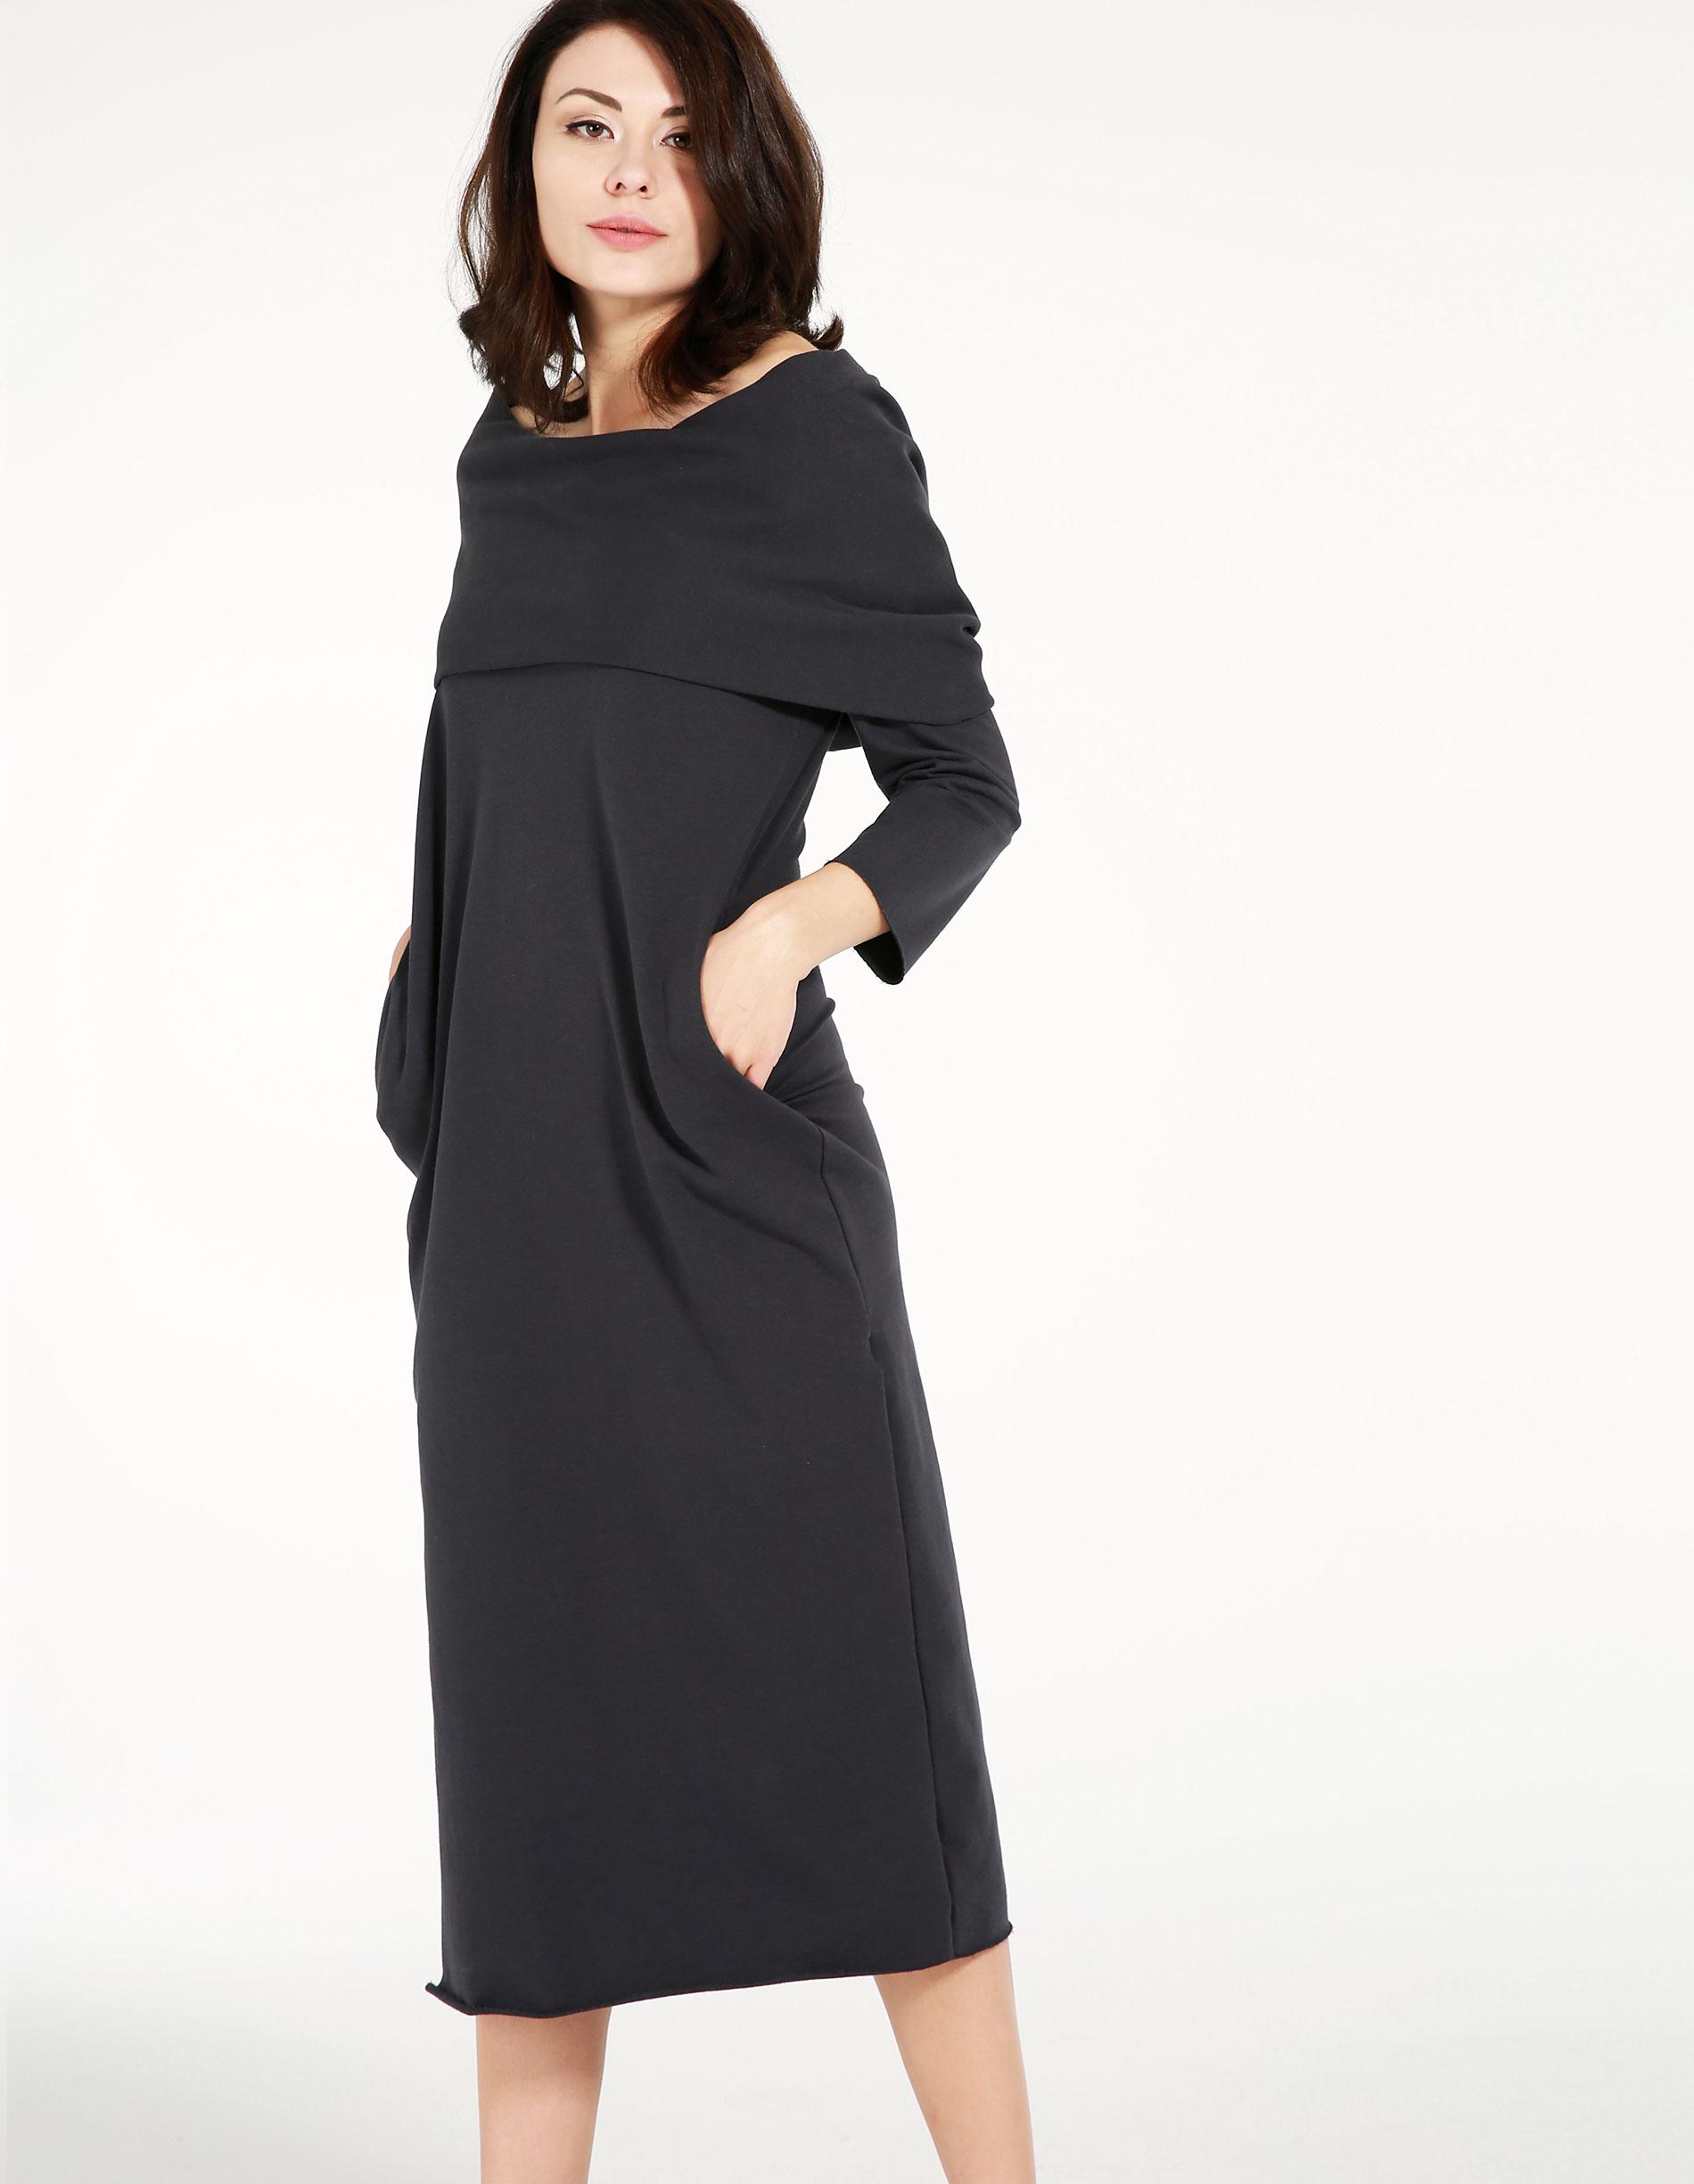 Sukienka - 30-87187 PIOM - Unisono